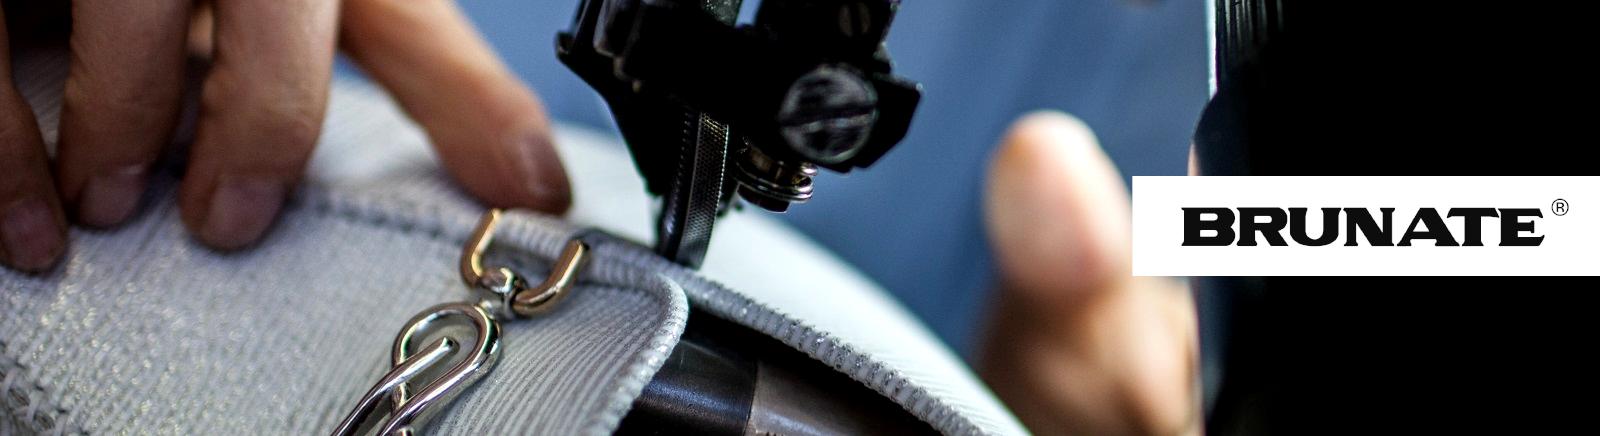 Juppen: Brunate Klassische Stiefeletten für Damen online shoppen